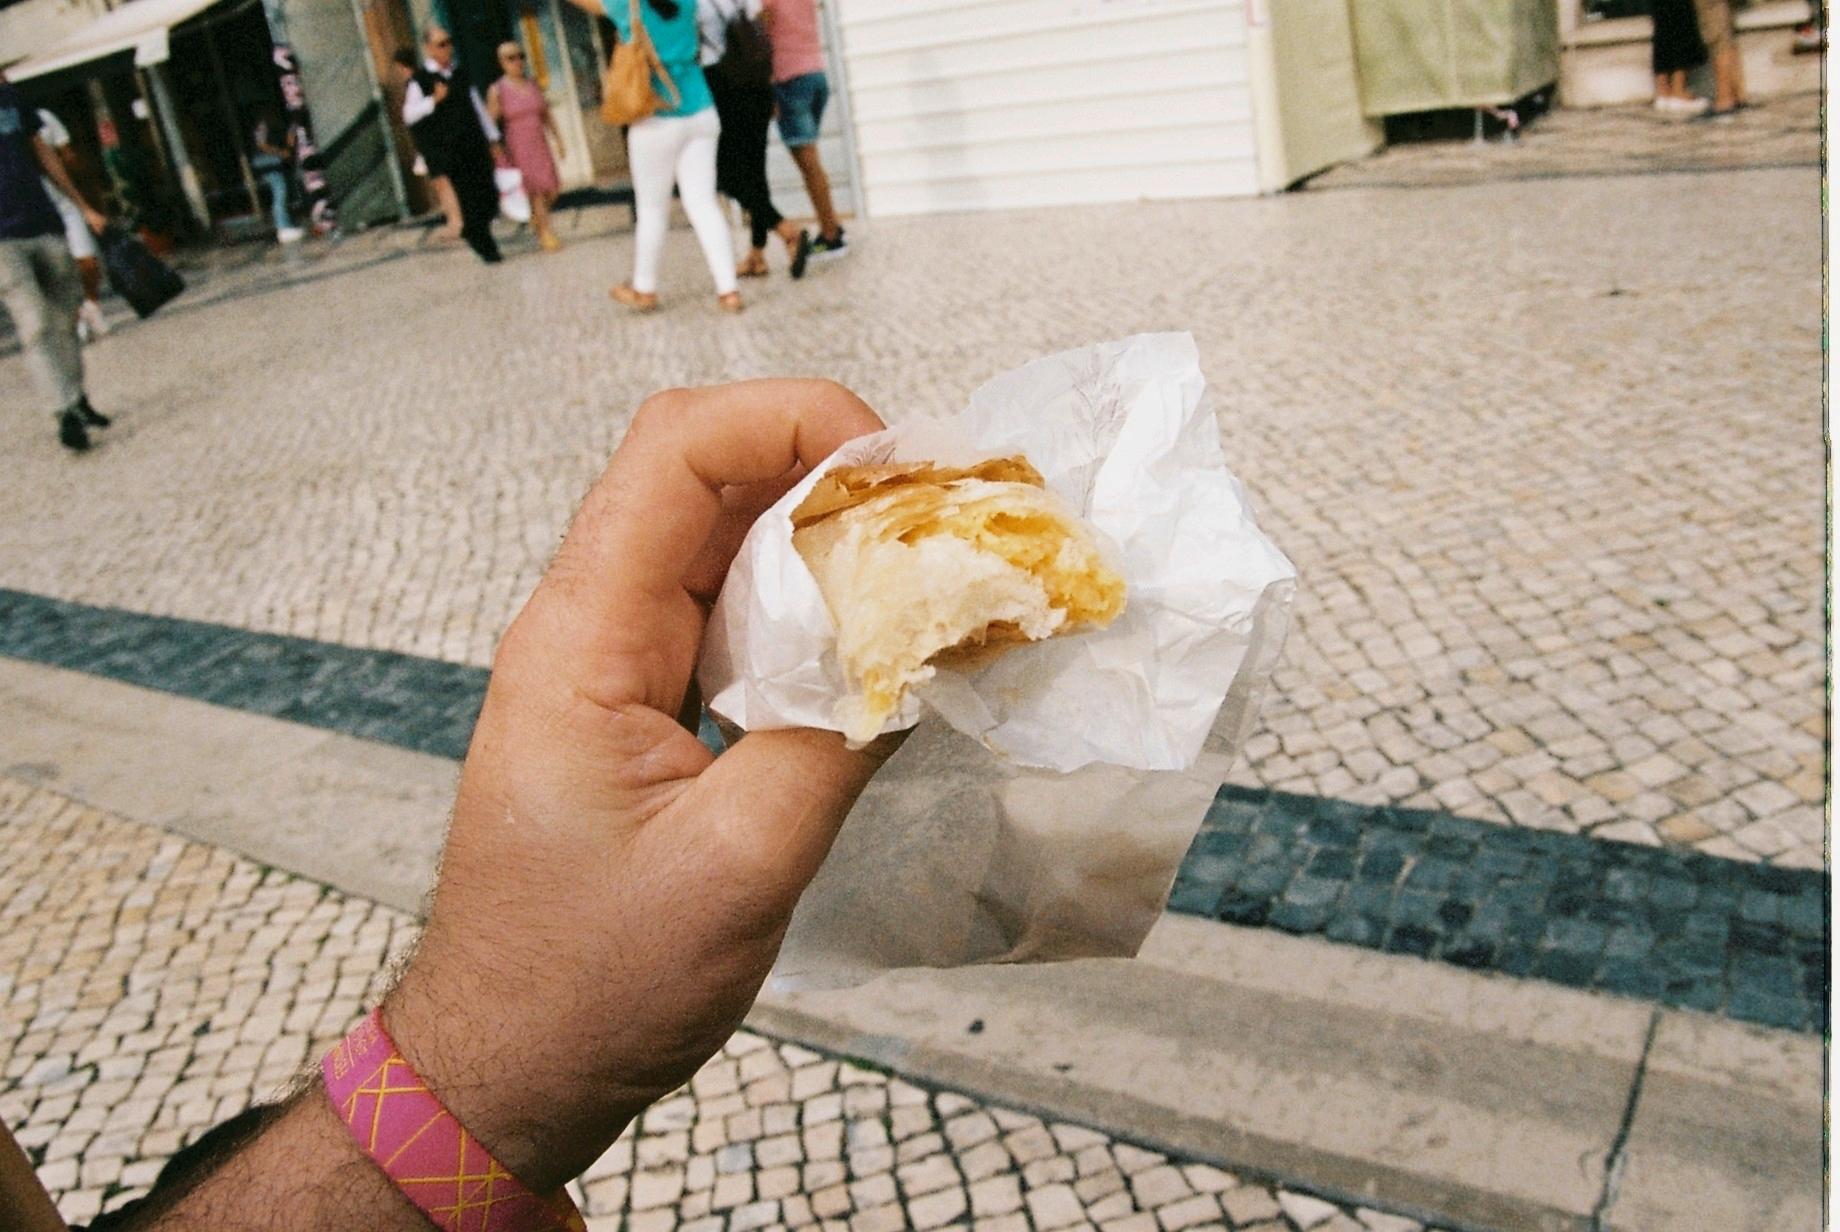 Coimbra 08-2019 - 9 of 62